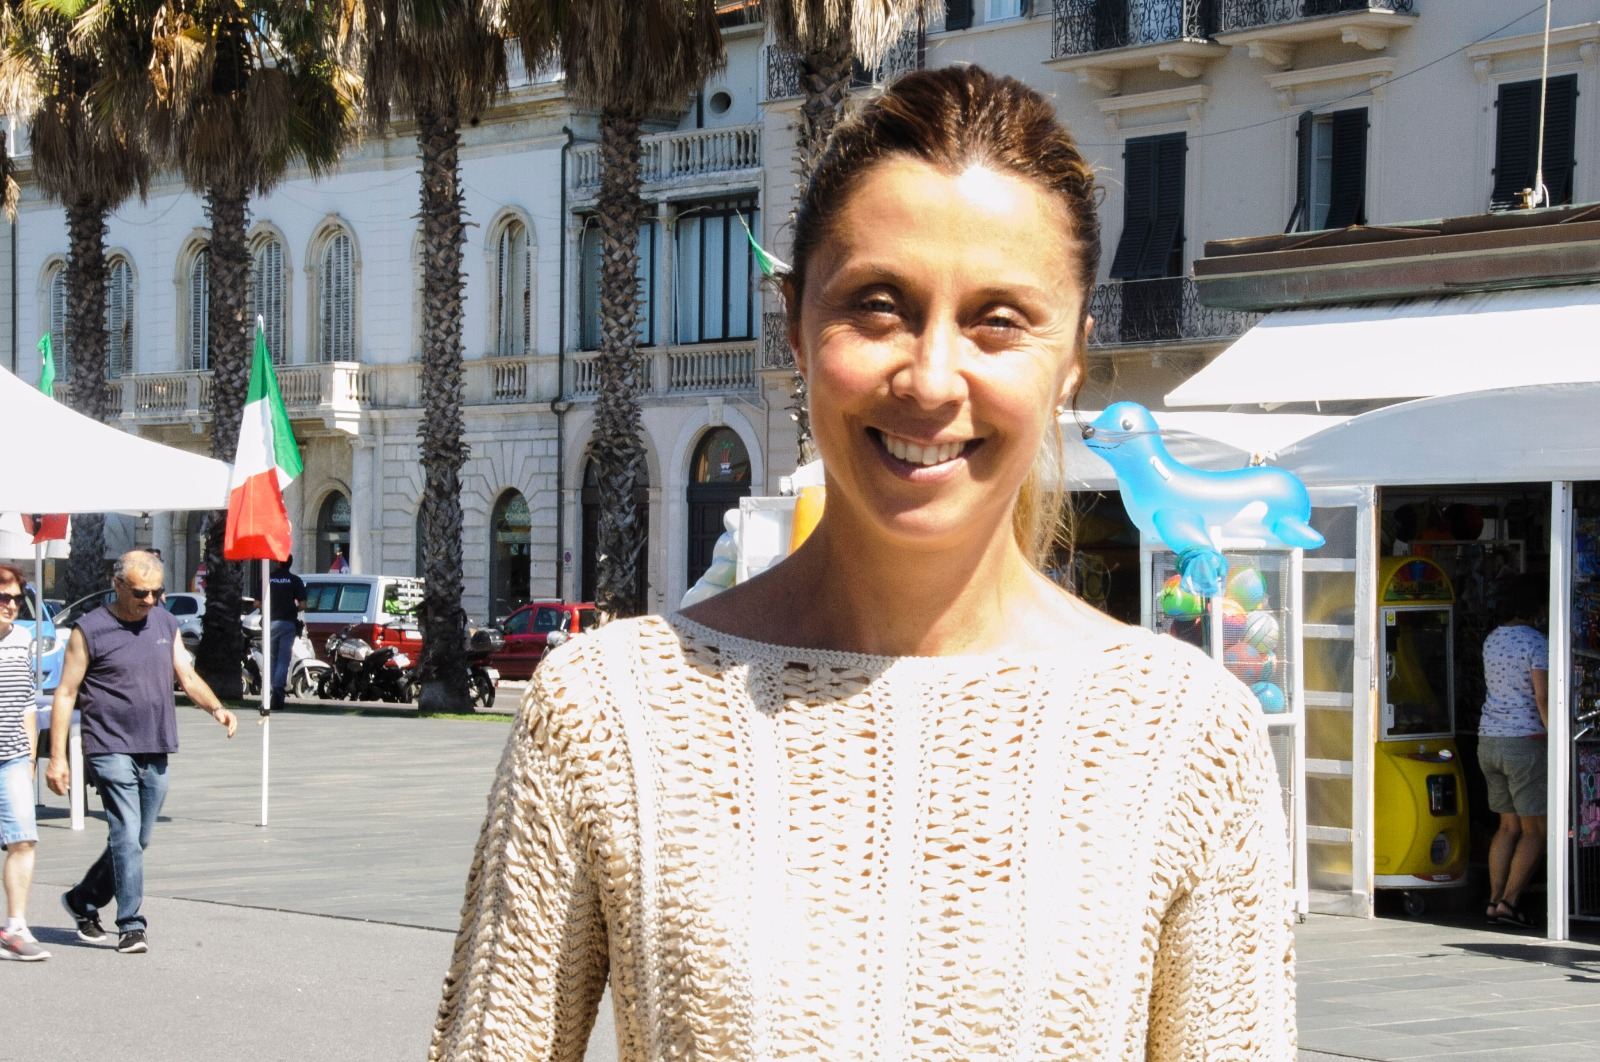 Verso le elezioni, intervista alla candidata sindaca Barbara Paci